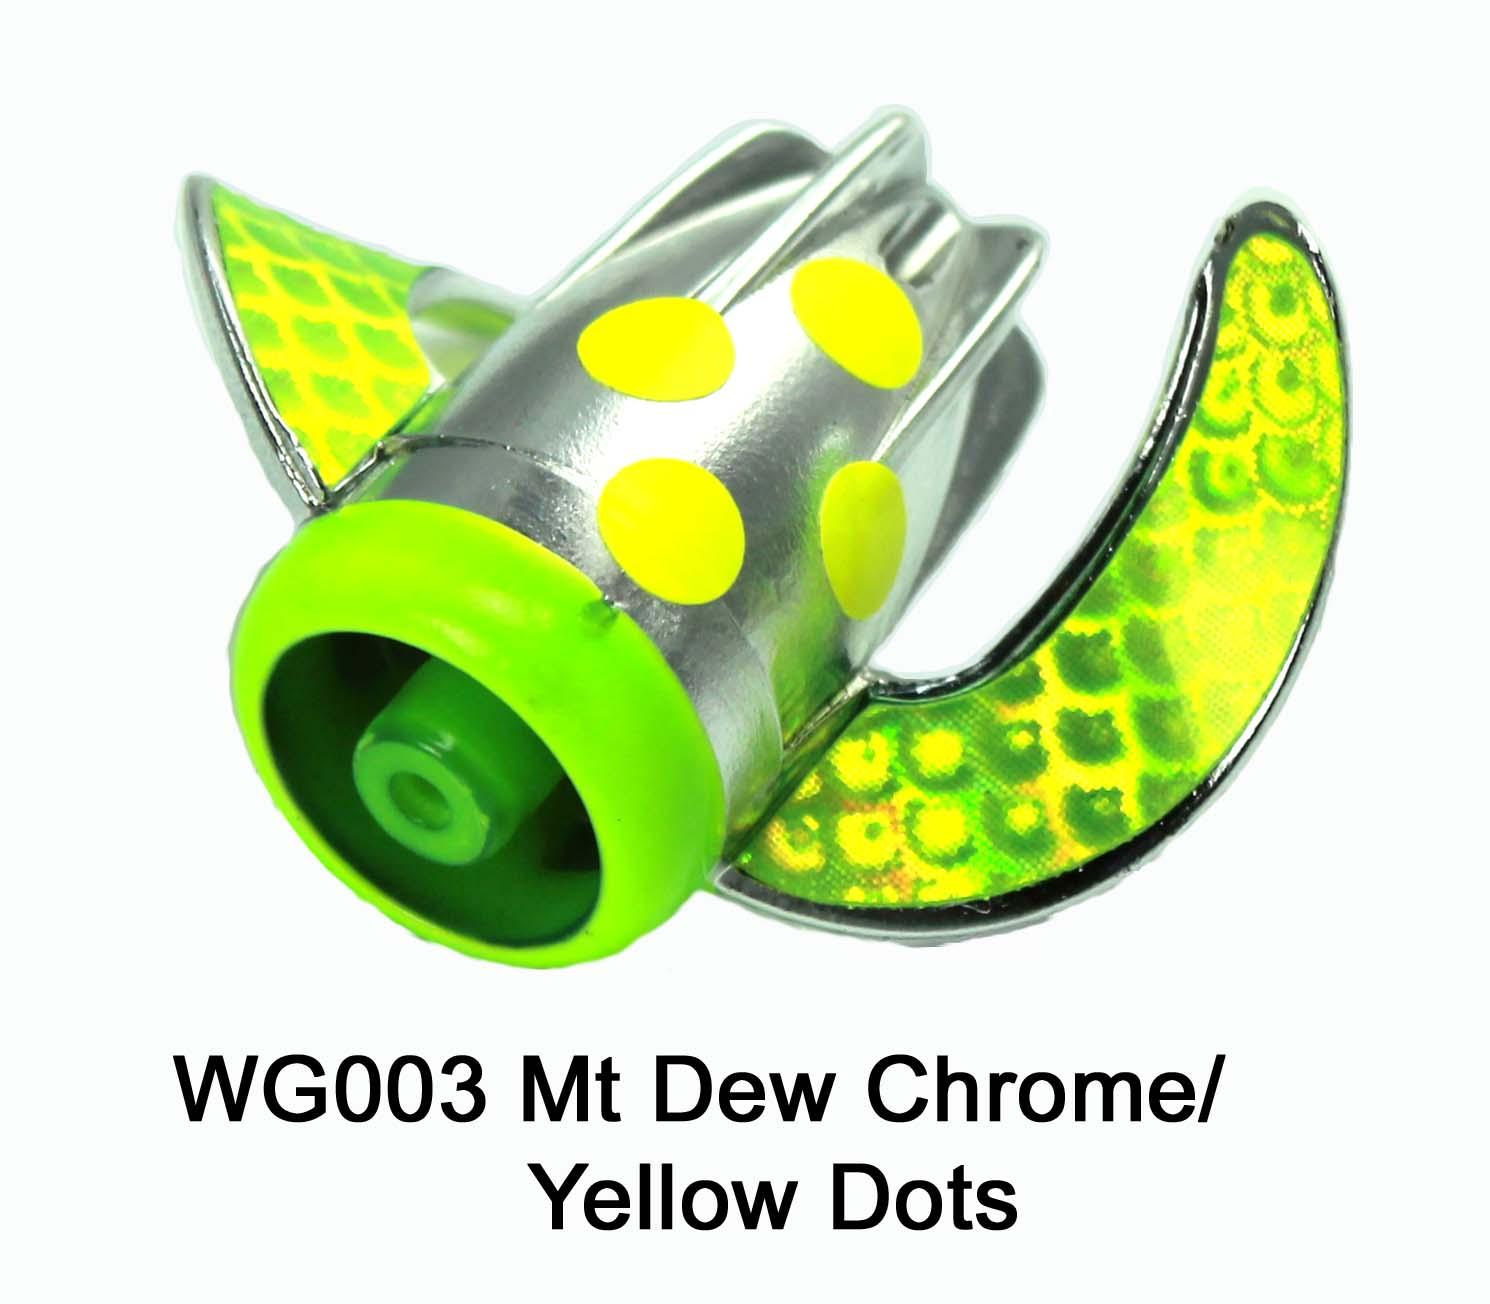 WG003 WhirlyGig MtDewChrome/Yell